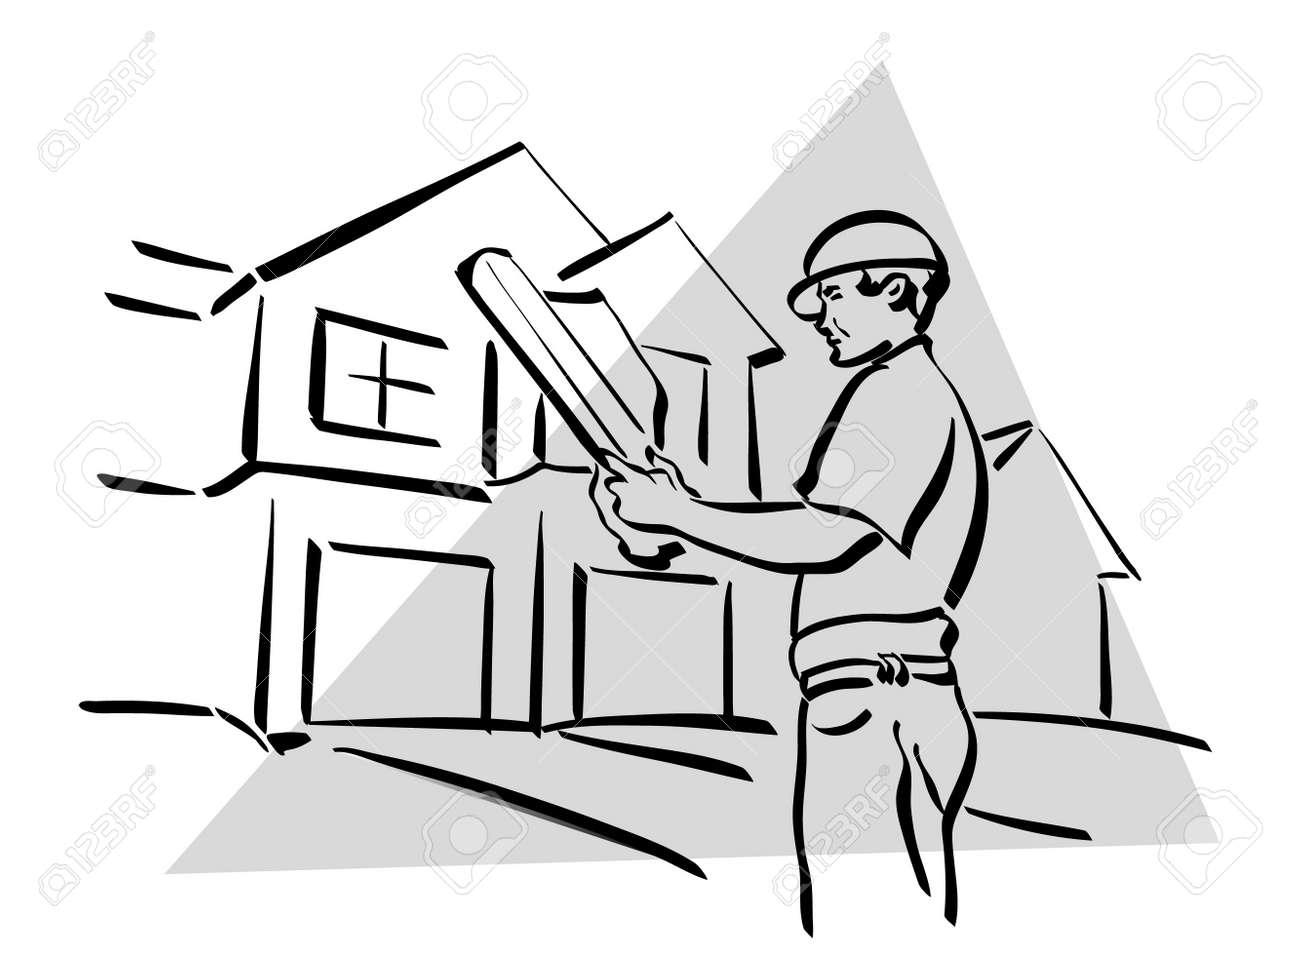 construction worker Stock Vector - 13231705